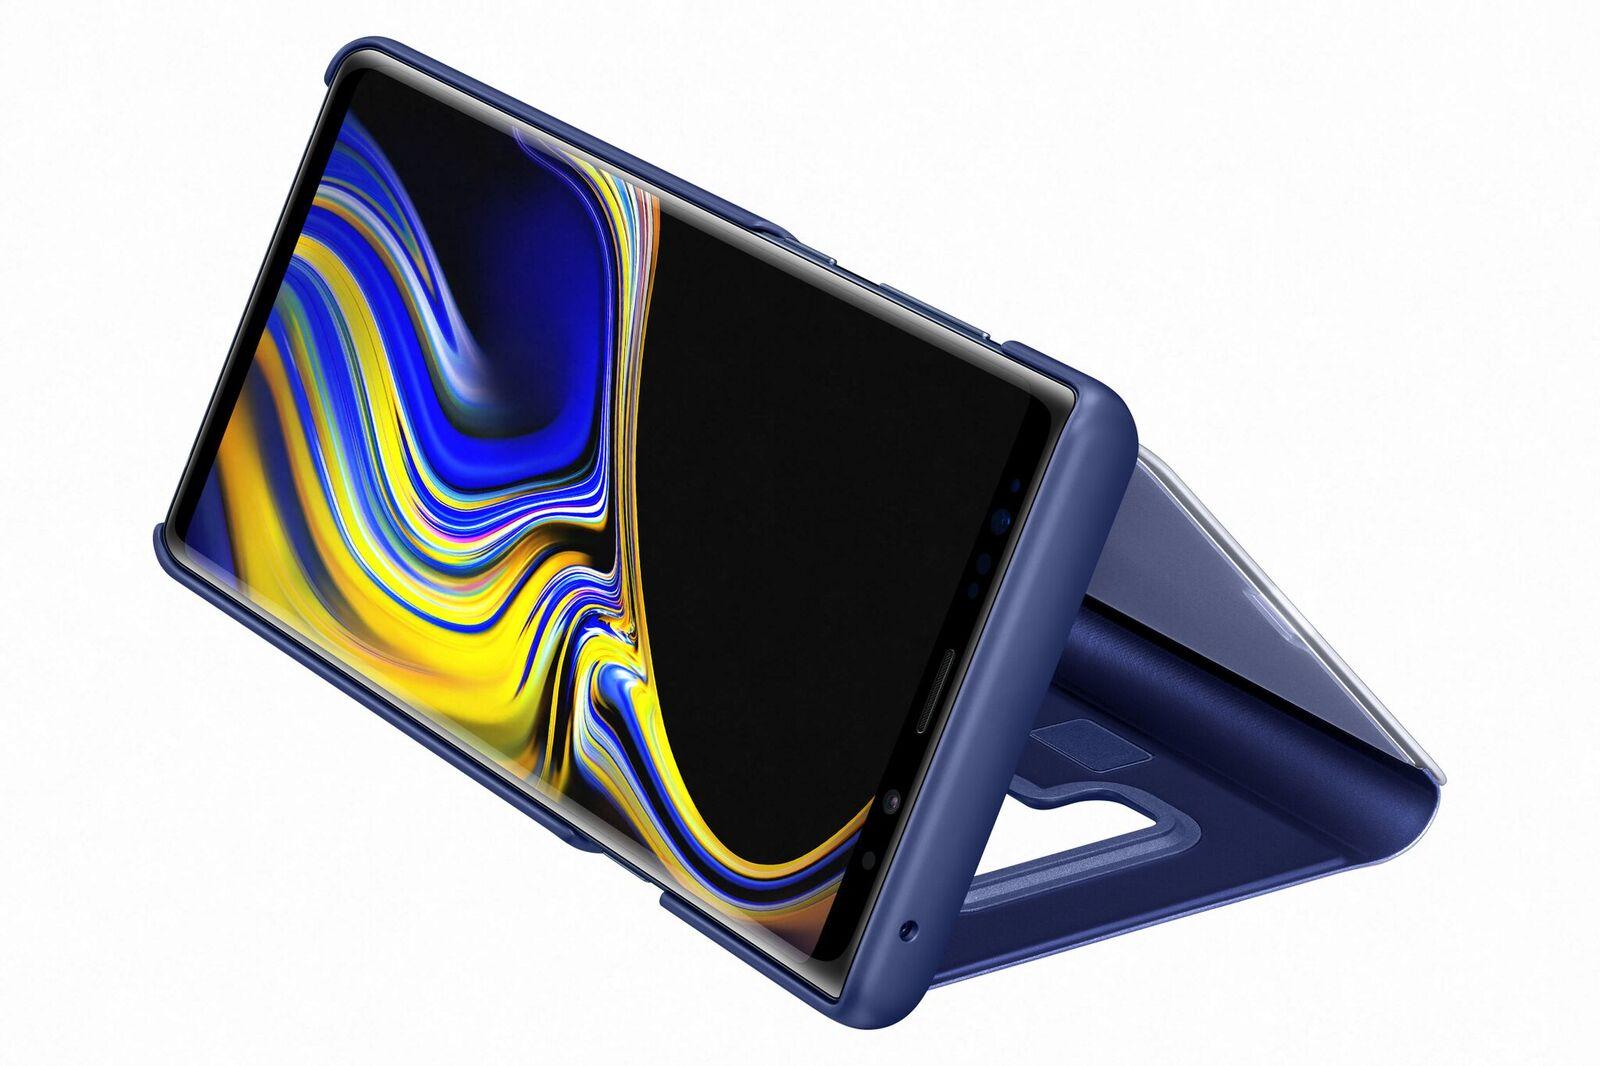 7214ee0e3 Vybavte svoj Galaxy Note9 štýlovým príslušenstvom. Spoločnosť Samsung  Electronics ...